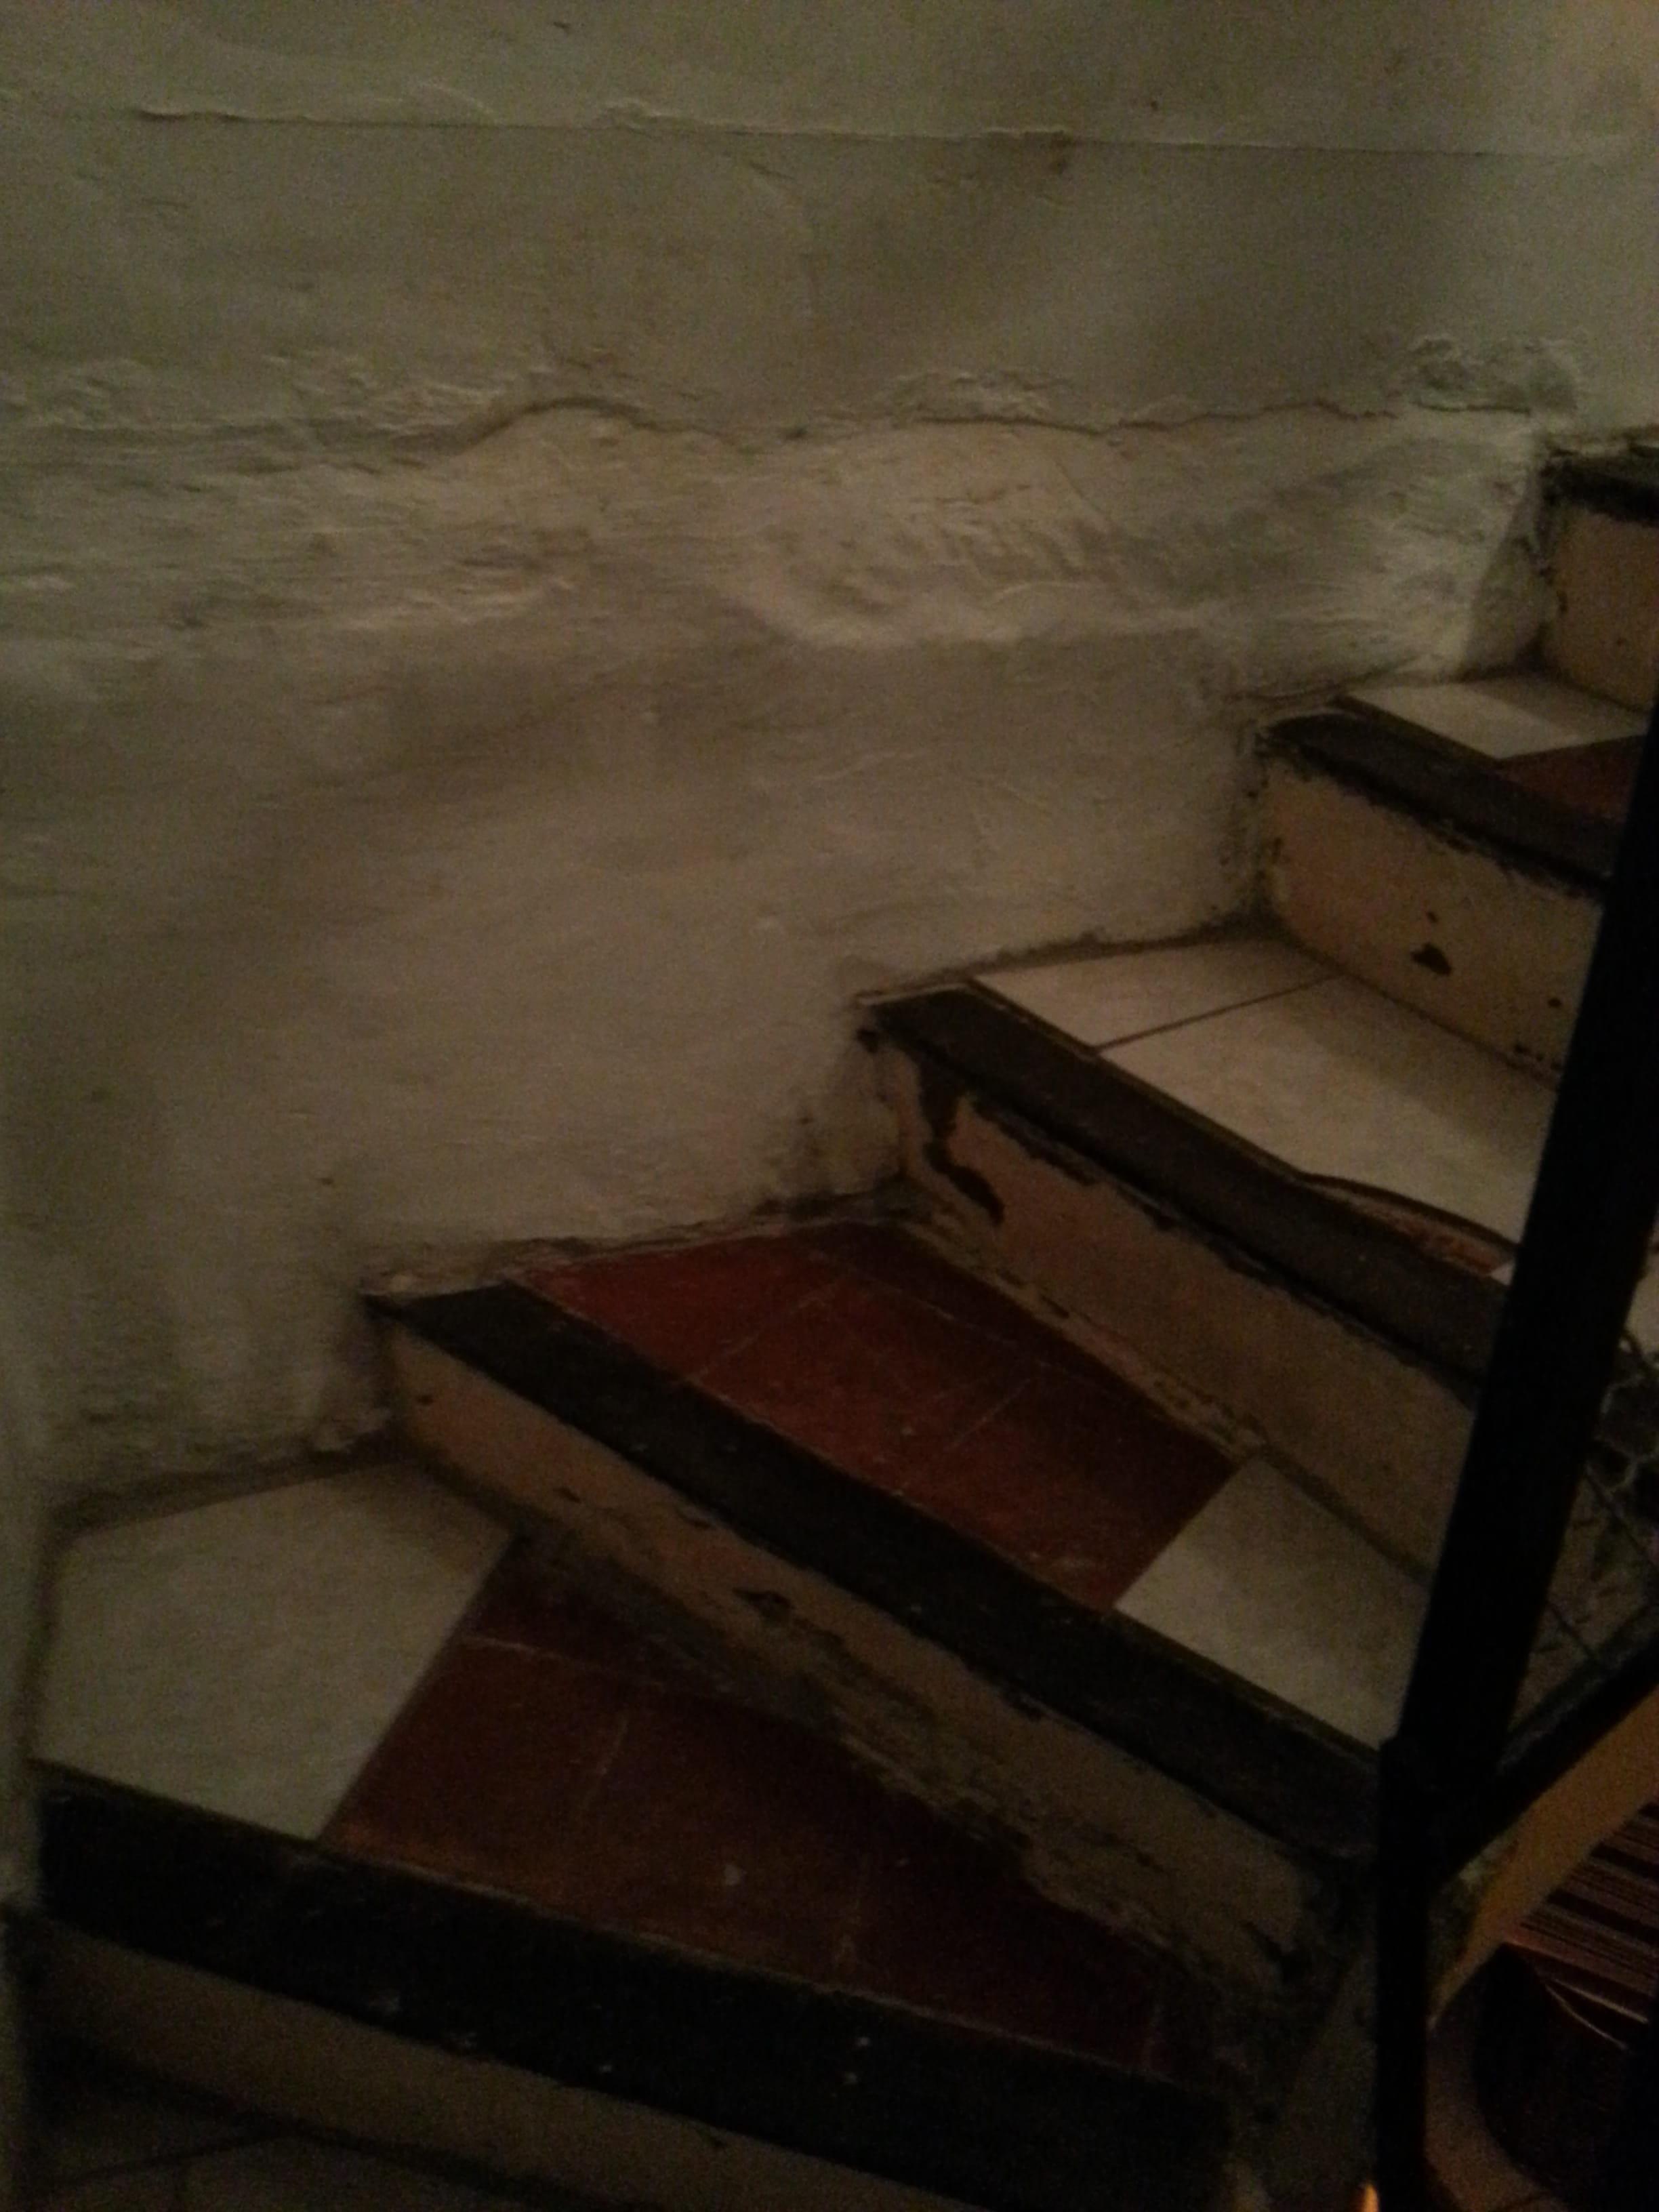 Comment Relooker Un Escalier En Carrelage renovation escaliers très abîmés [résolu] - linternaute